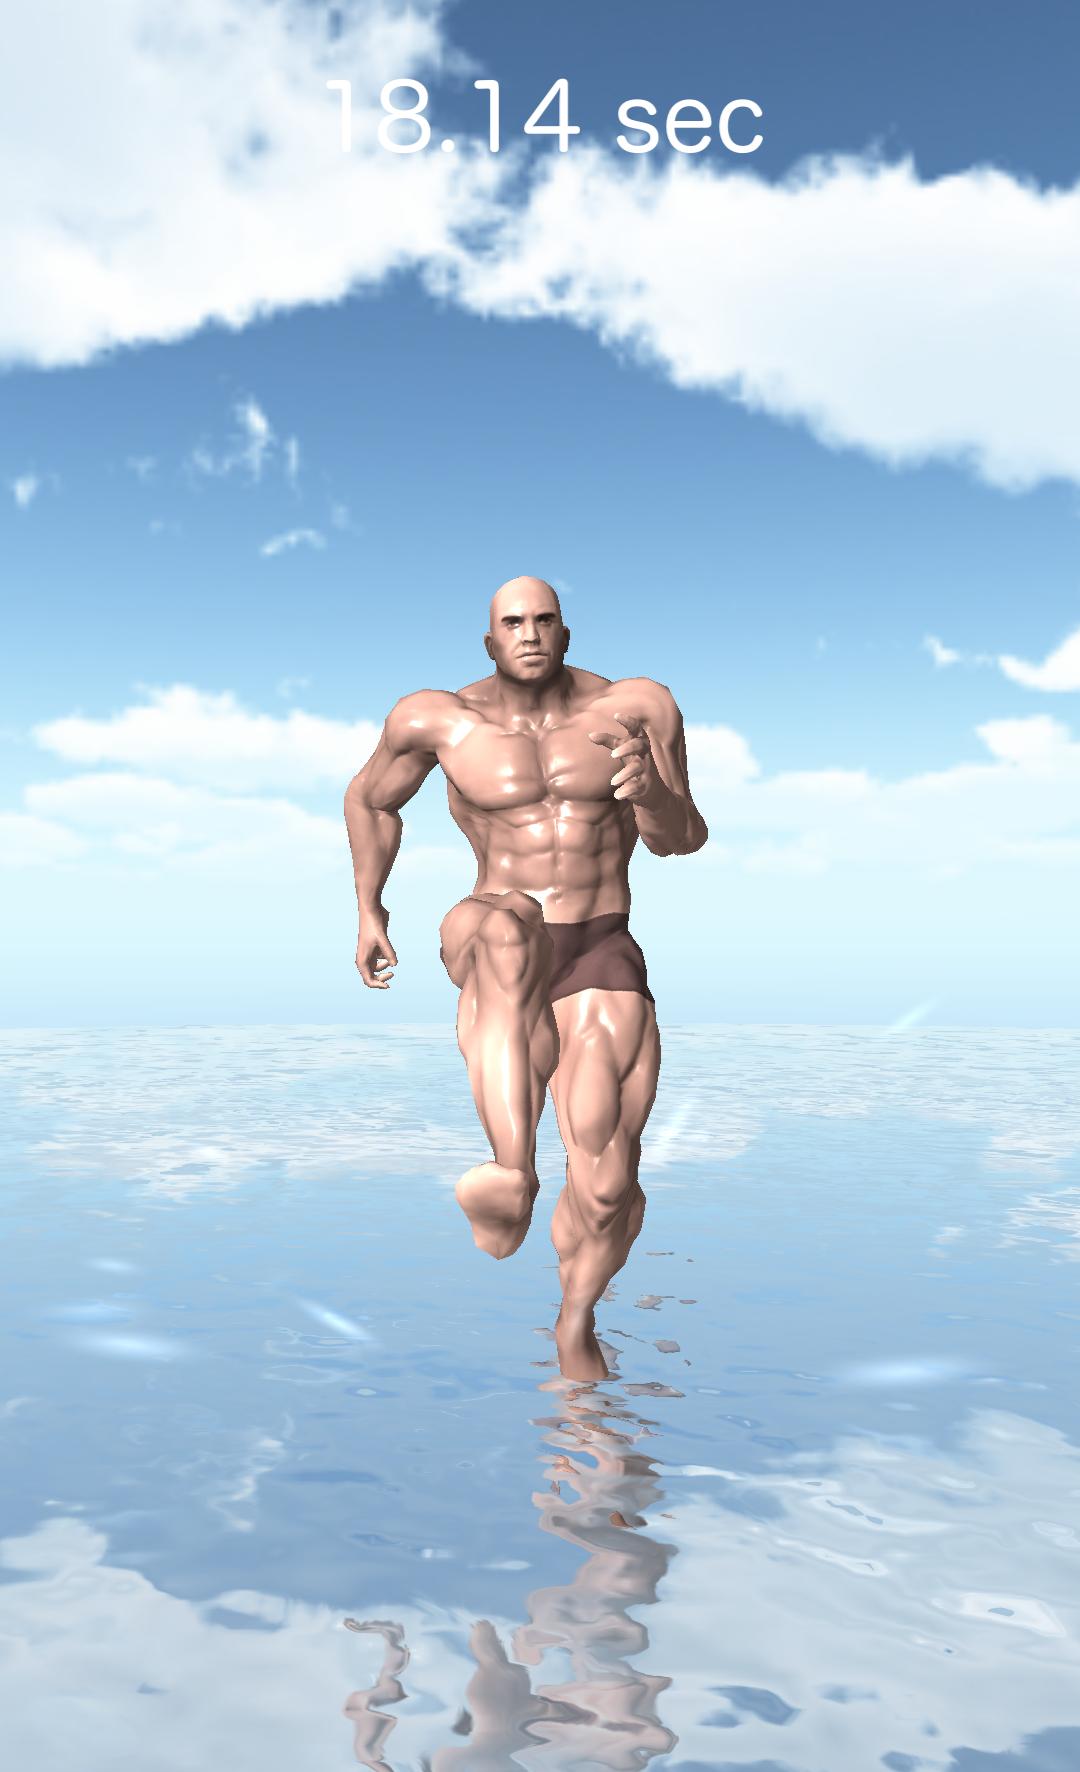 海の上の筋肉 androidアプリスクリーンショット1